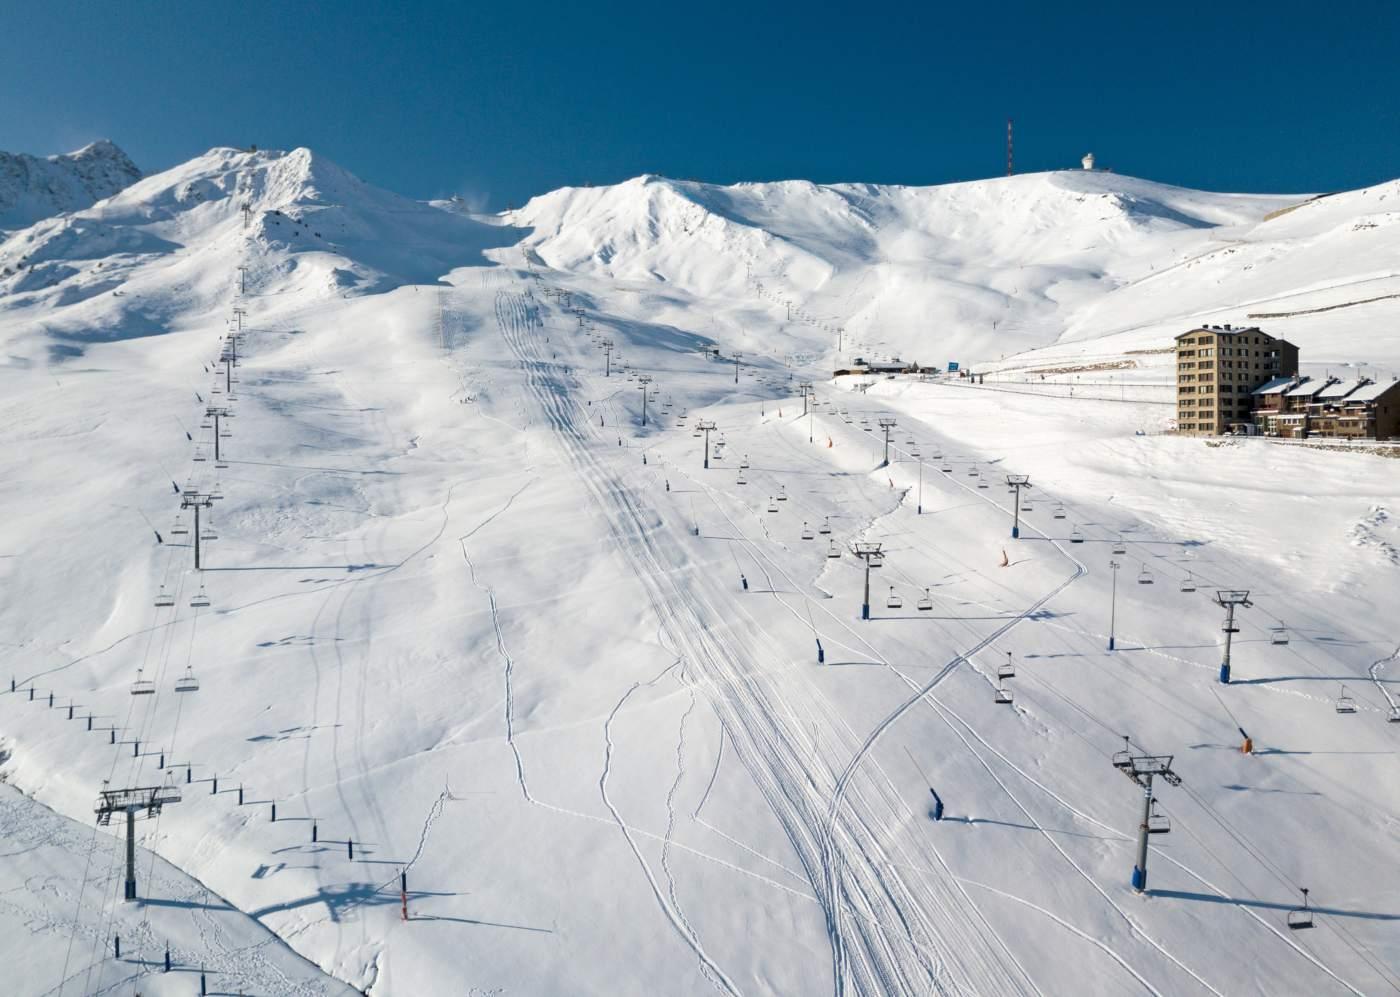 Pista de estância de ski